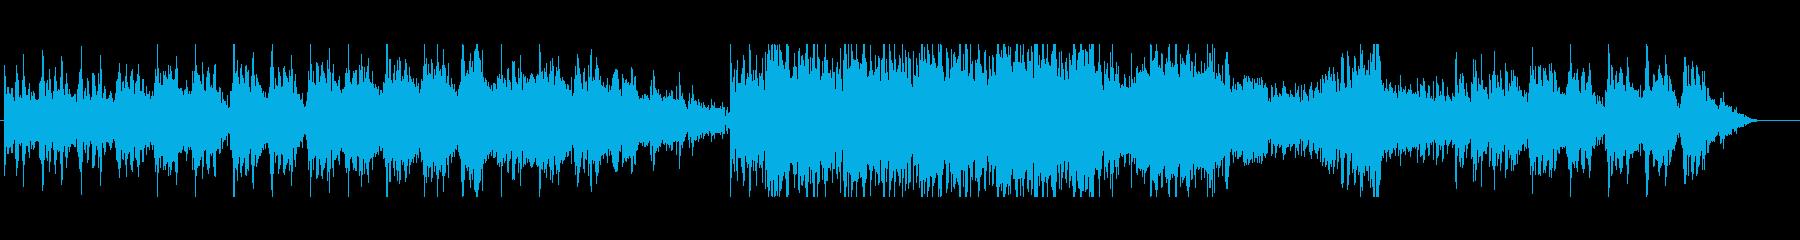 古代遺跡をイメージした暗く神秘的な曲の再生済みの波形